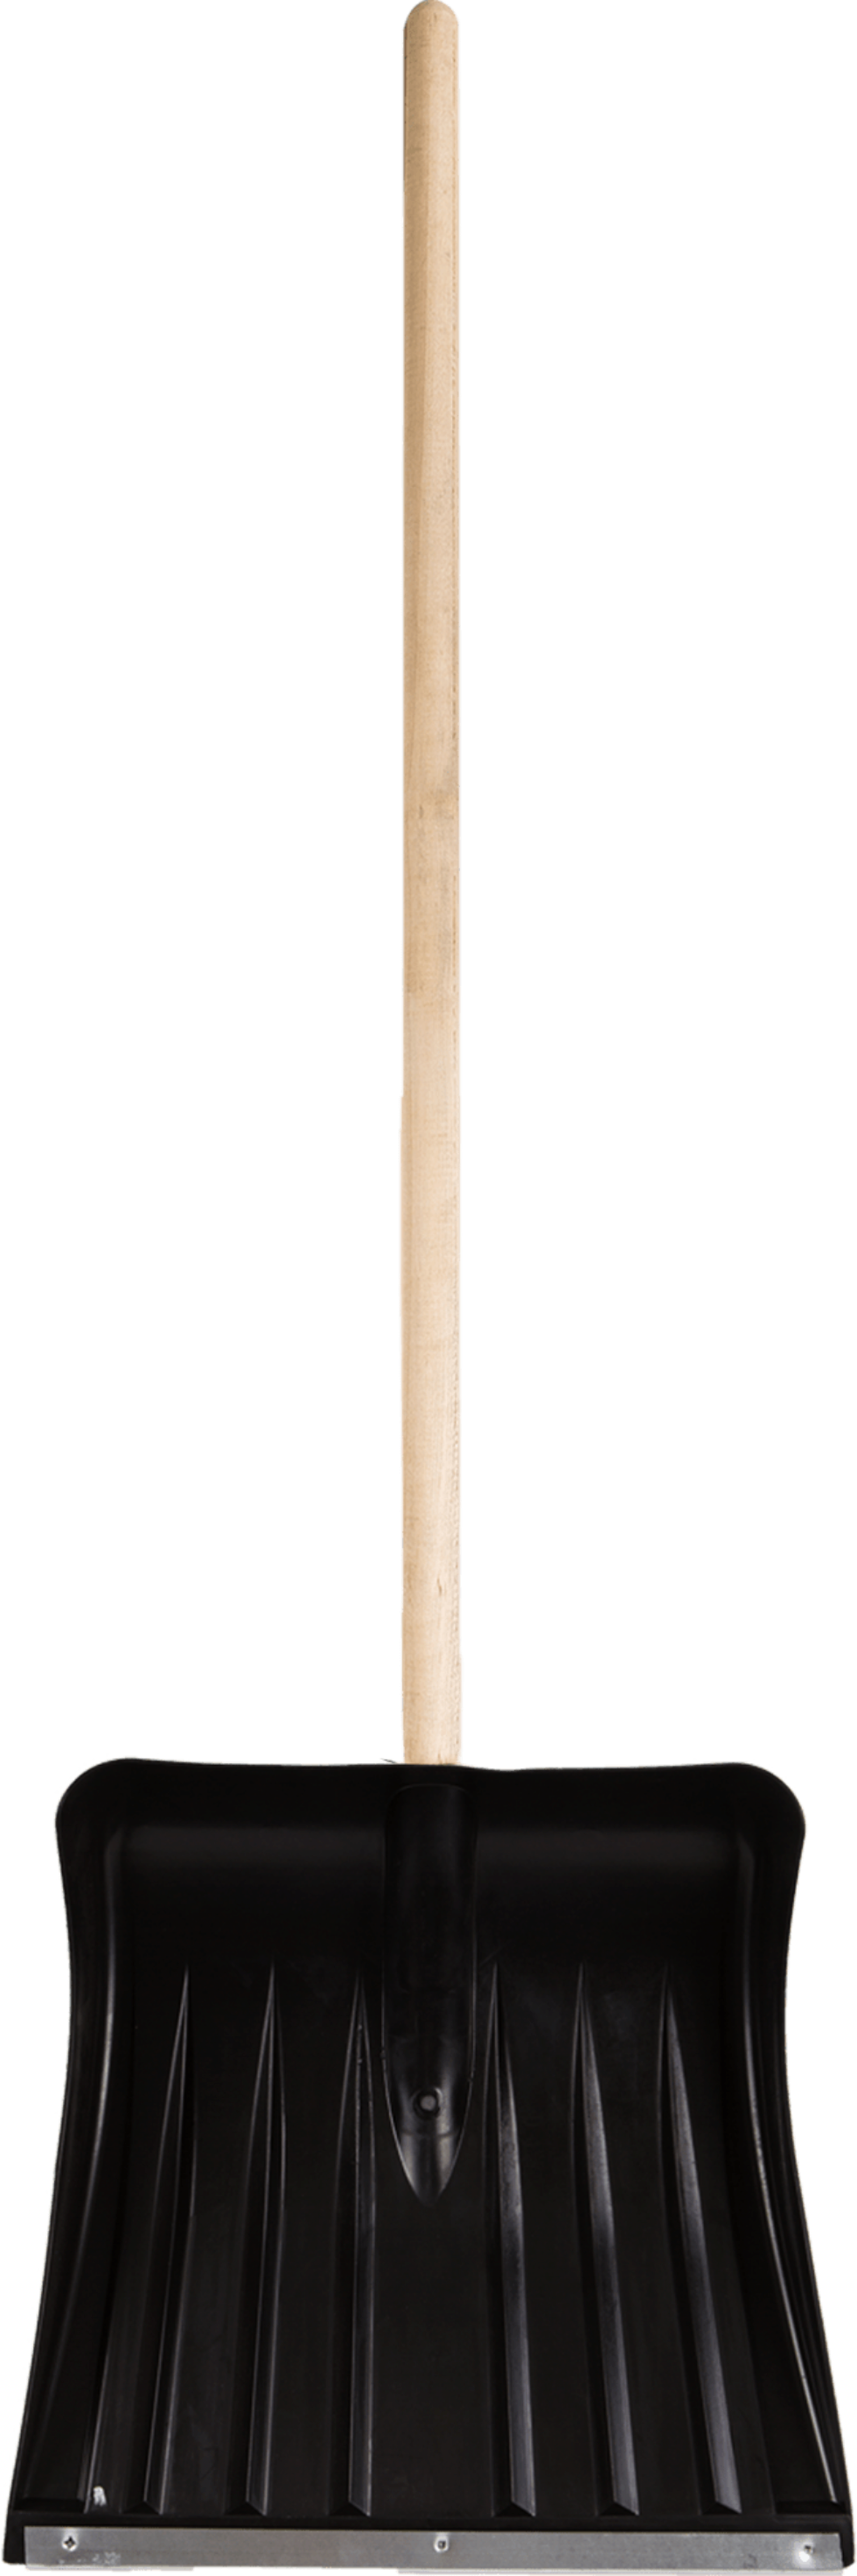 Лопата с планкой для уборки снега 35x35 см пластик деревянный черенок